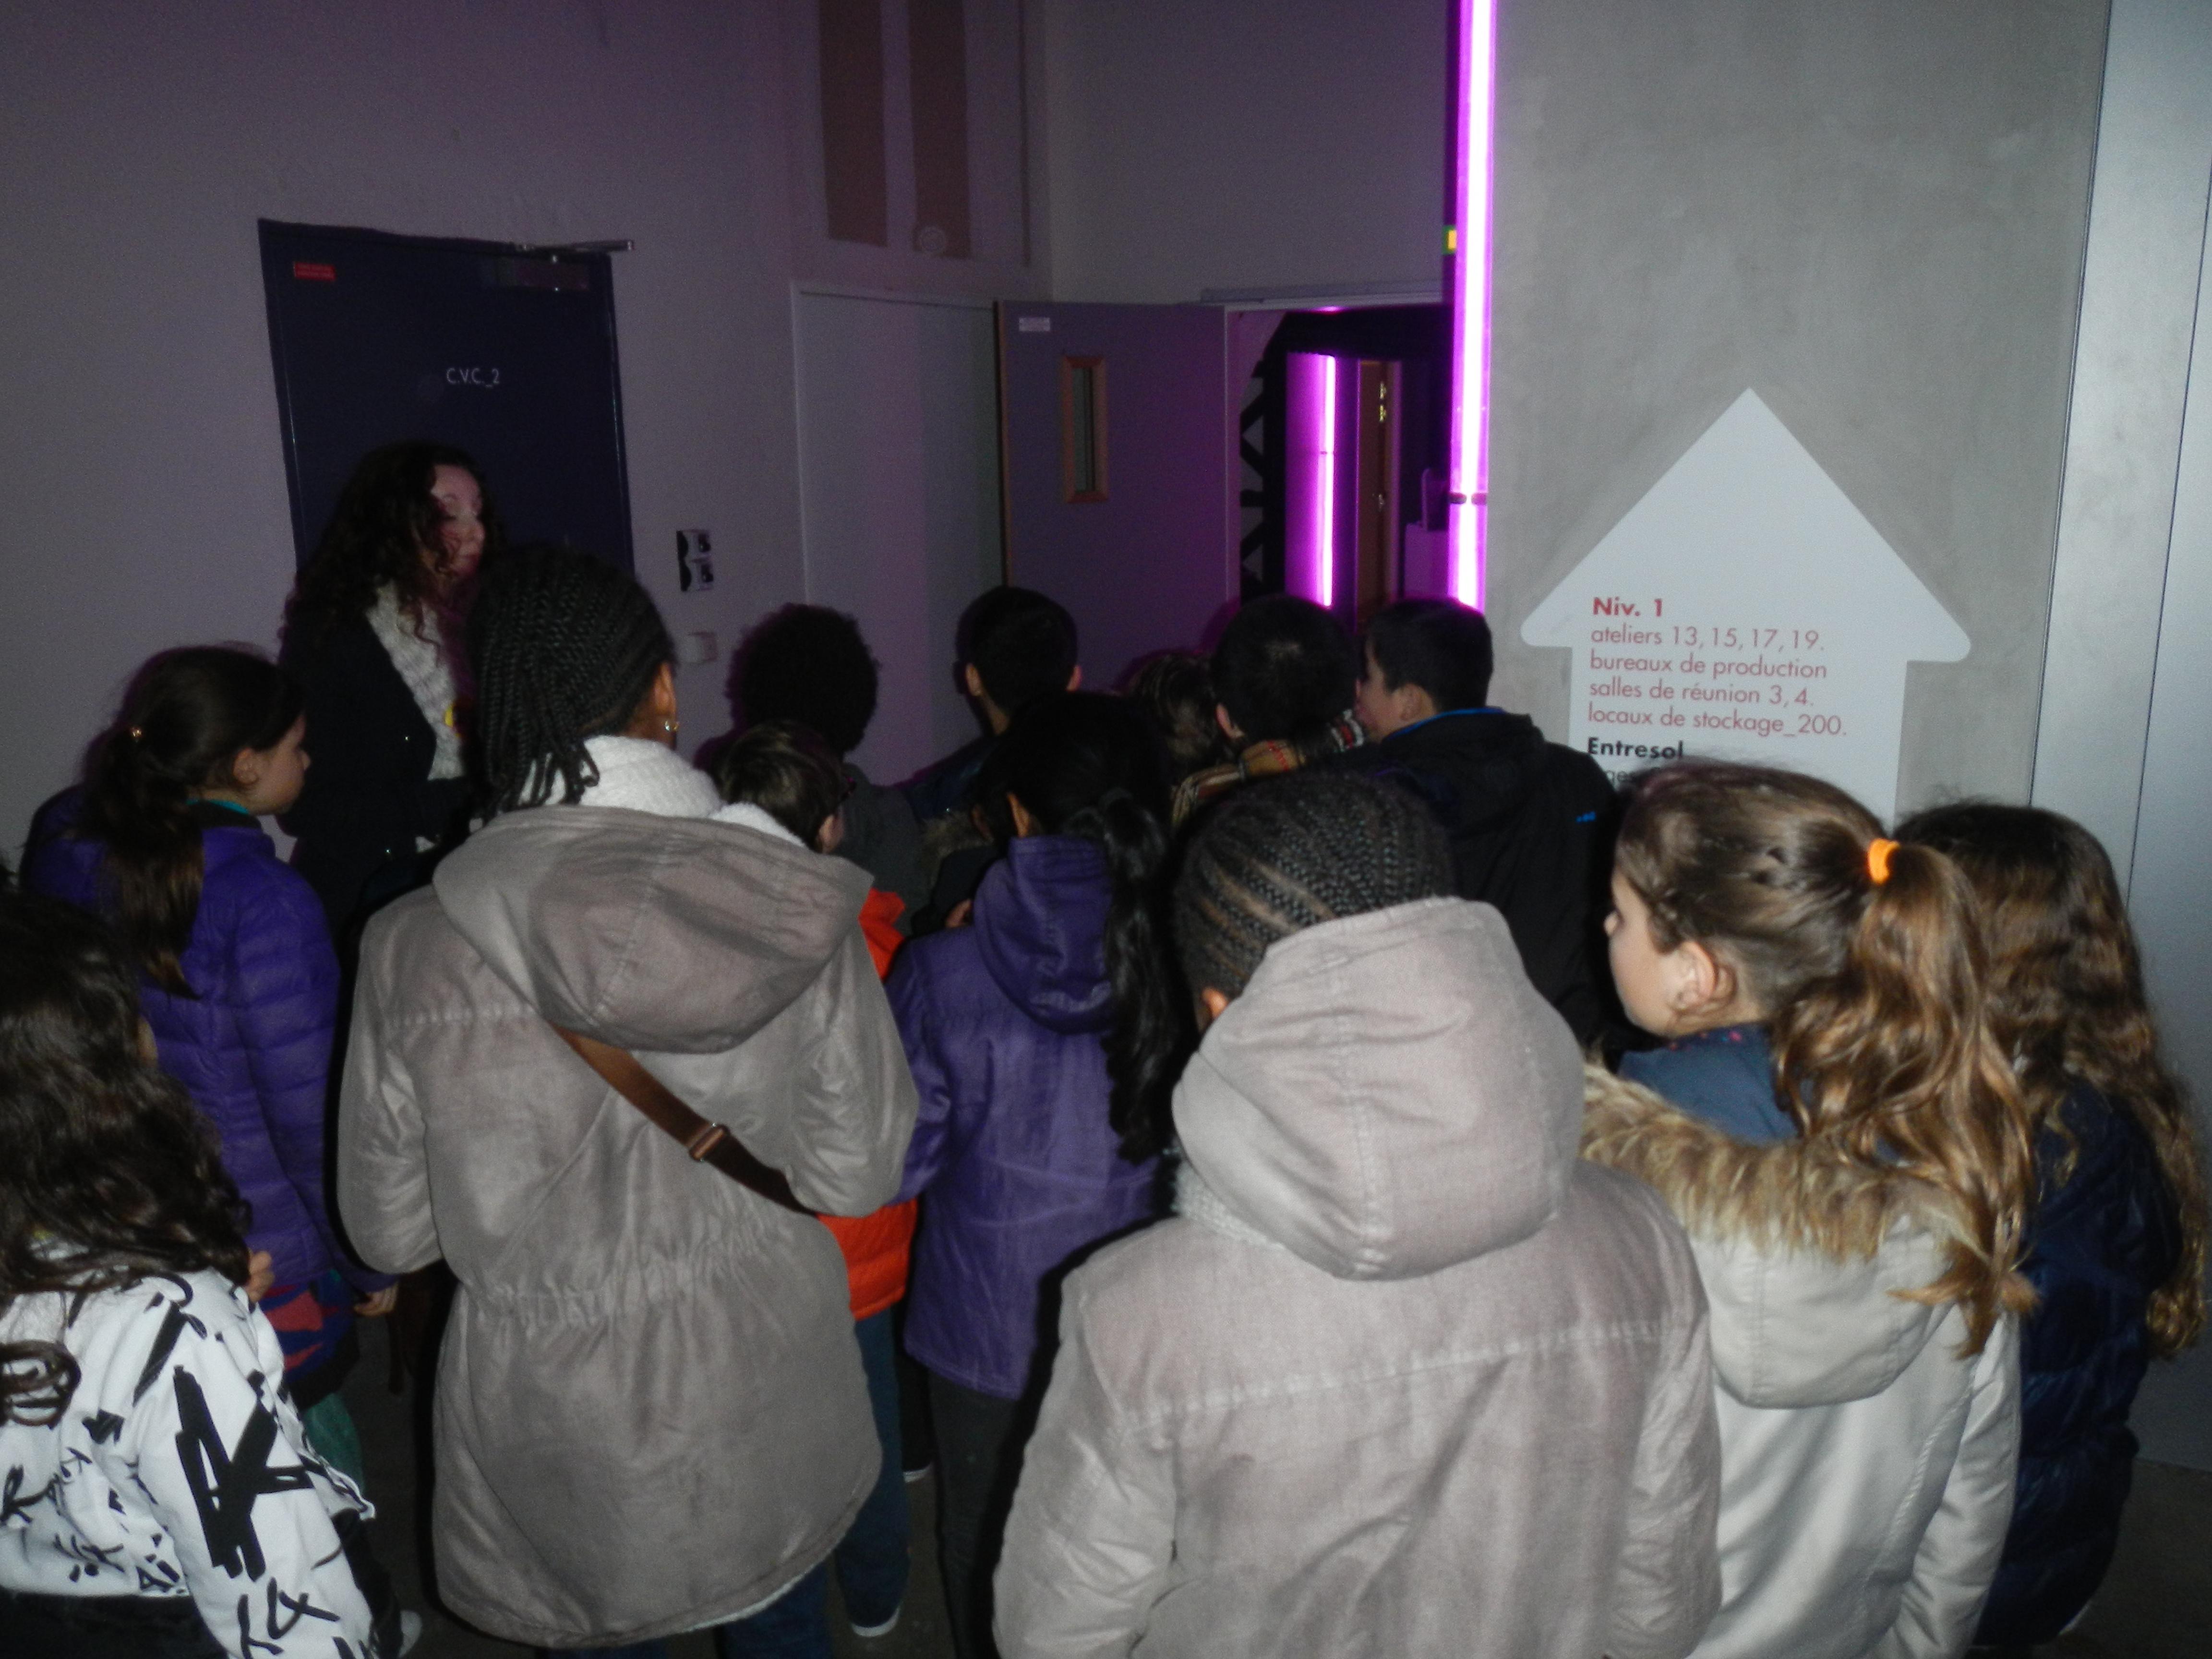 Nous avons même eu le droit de visiter les coulisses du 104 et les ateliers d'artistes... Mais chut, ils travaillent...